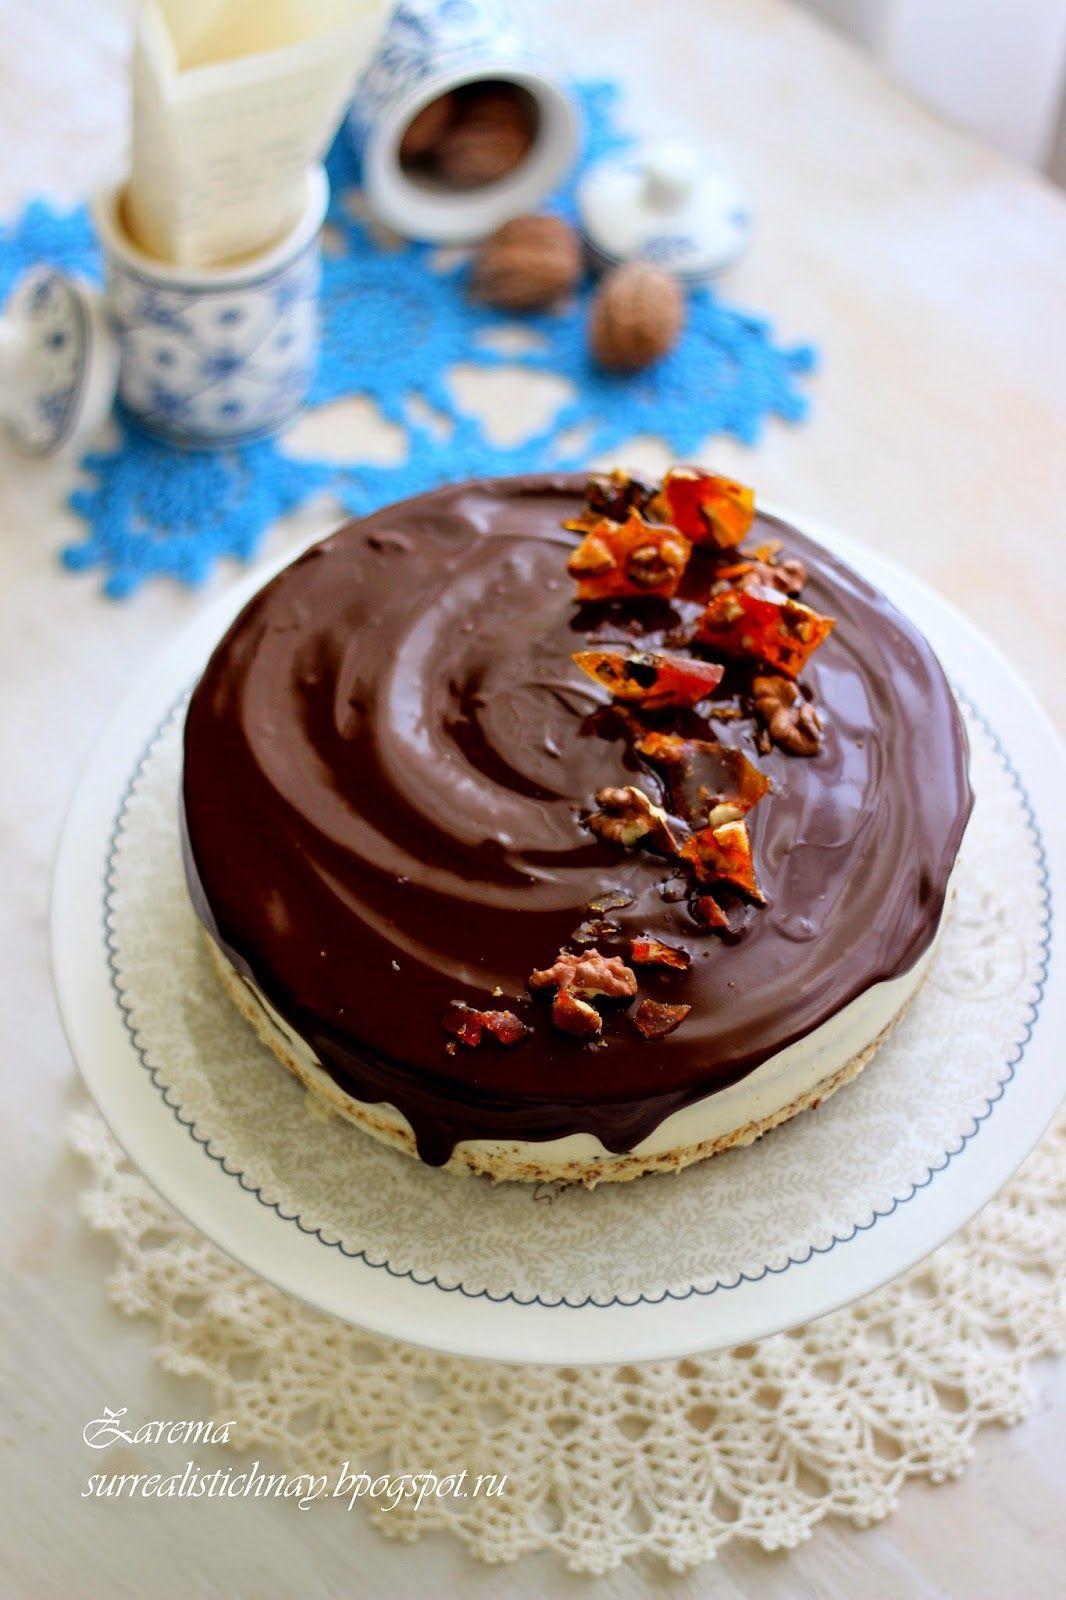 торт шоколад в плену рецепт фото